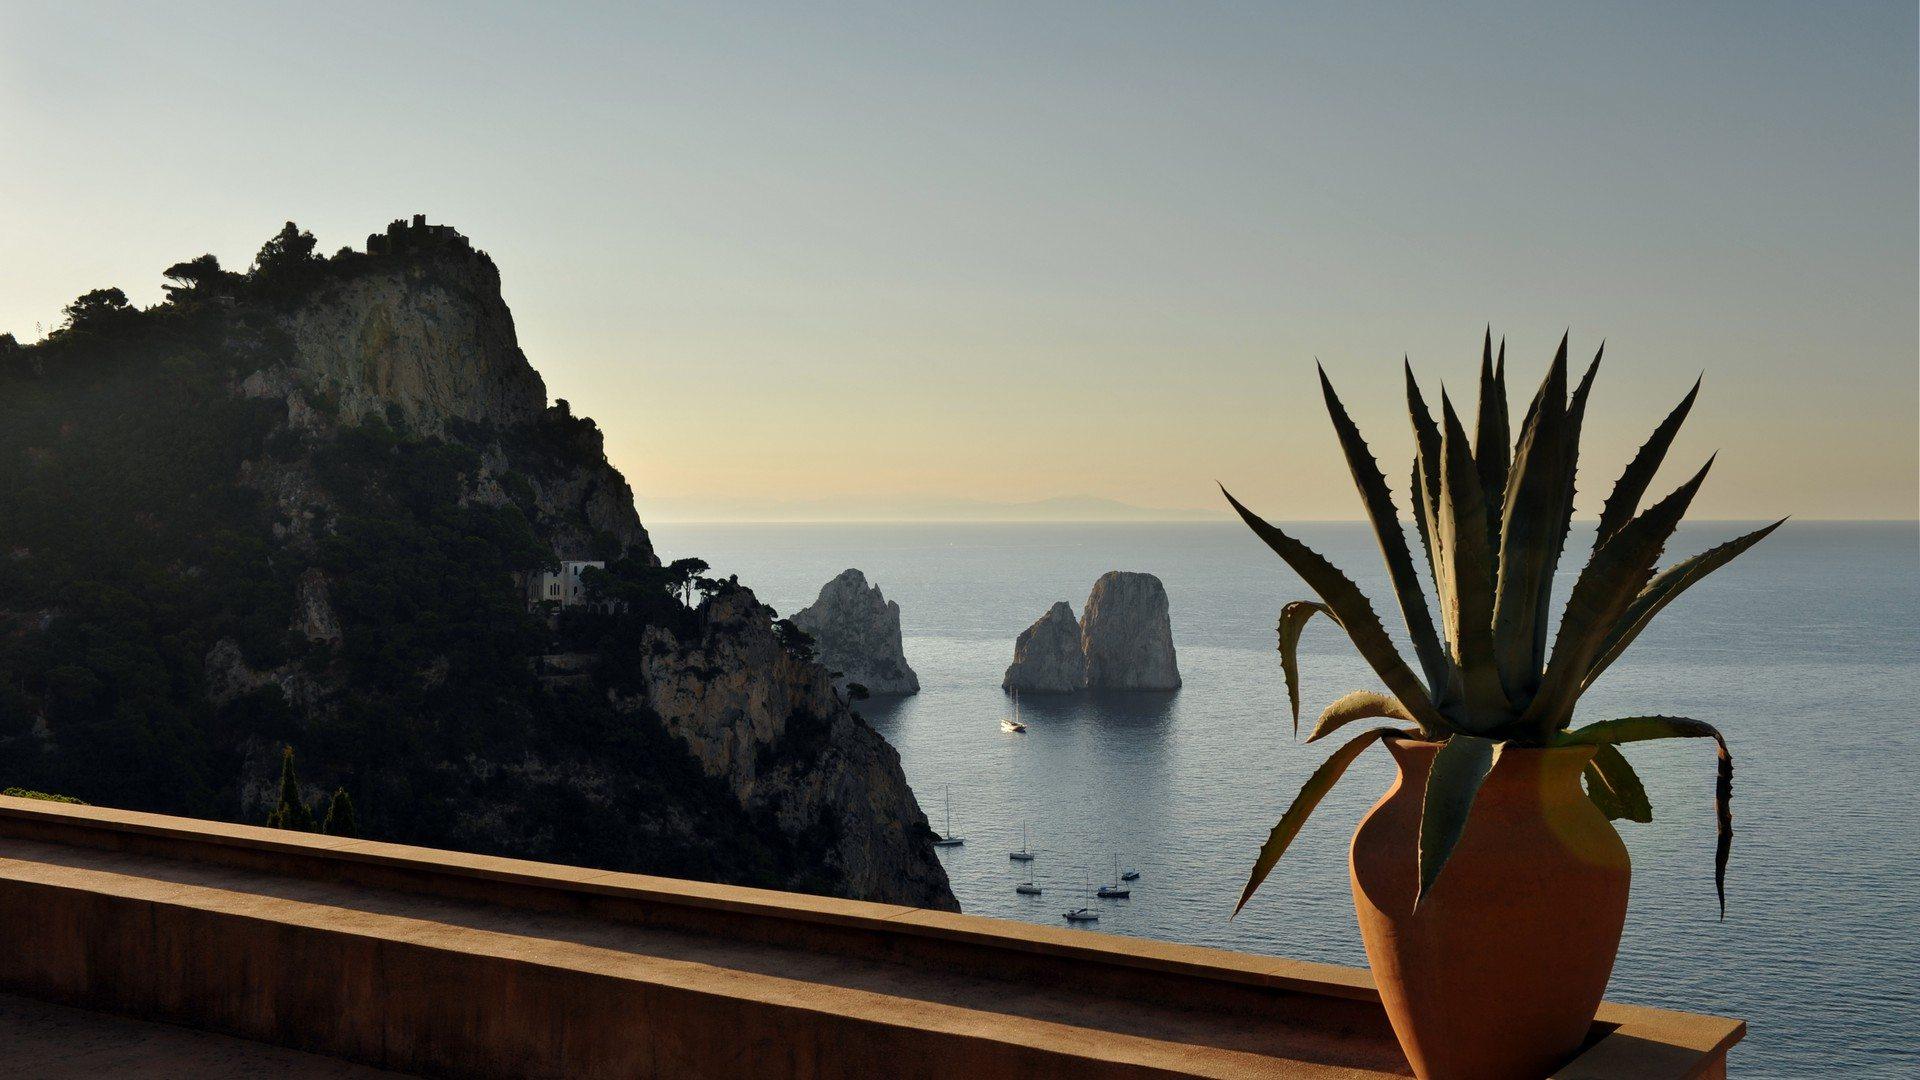 Private-Property-Sea-View-Capri-Italy-Unique-Properties-&-Events-UltraVilla